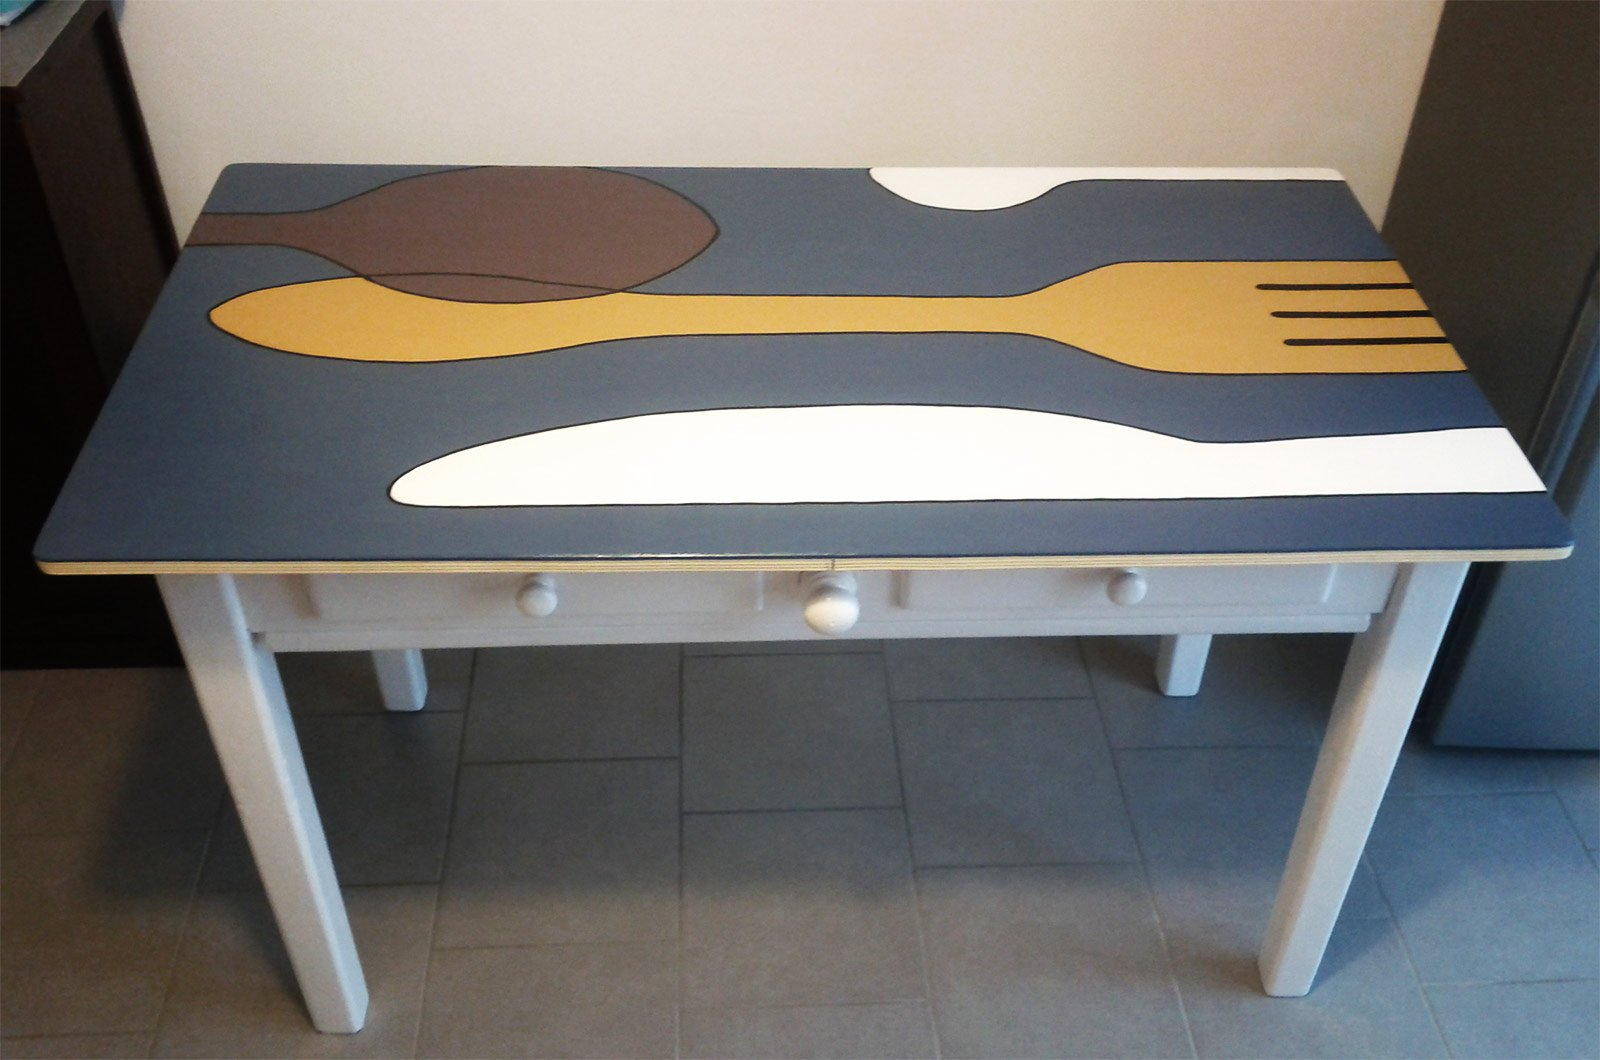 Un tavolo decorato con maxi posate cose di casa for Portacellulare da tavolo fai da te